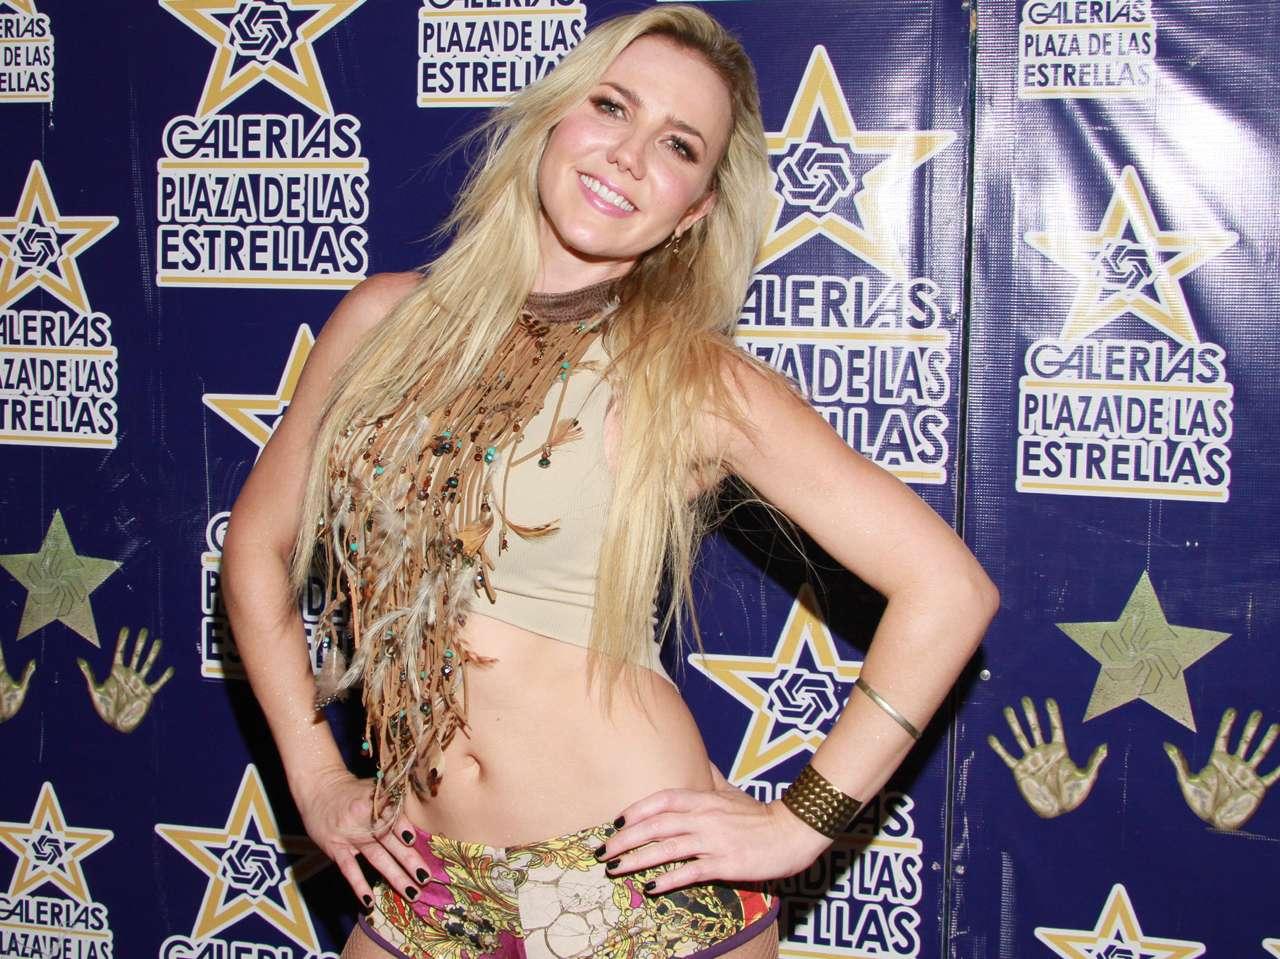 Karenka lanzará disco en 2015, y asegura que será un año muy sensual para ella. Foto: Photo AMC